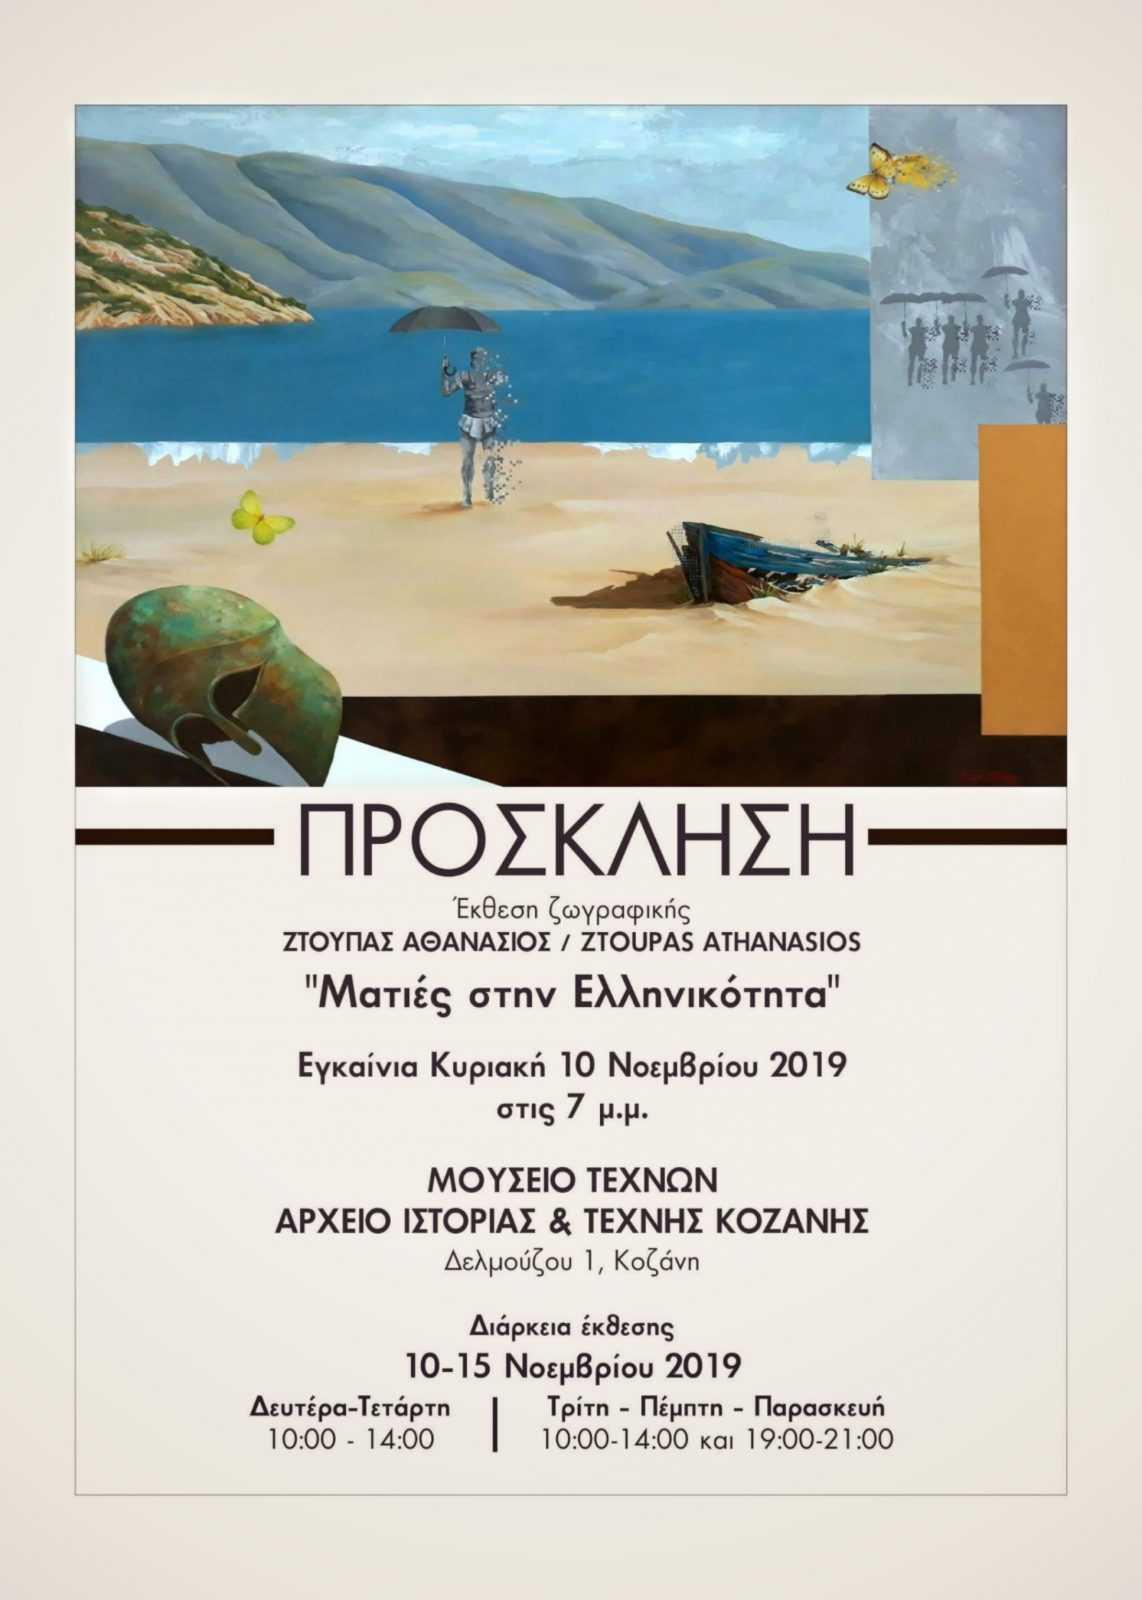 Ατομική Έκθεση ζωγραφικής του Αθανασίου Δ. Ζτούπα.